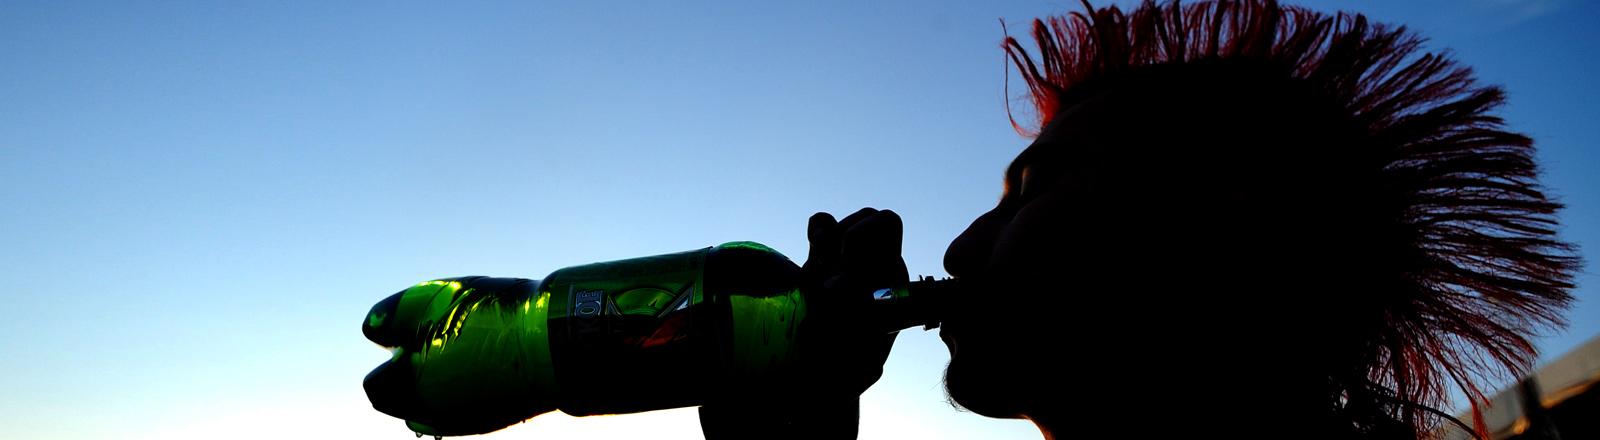 Ein Mann mit Irokese trinkt aus einer Flasche.